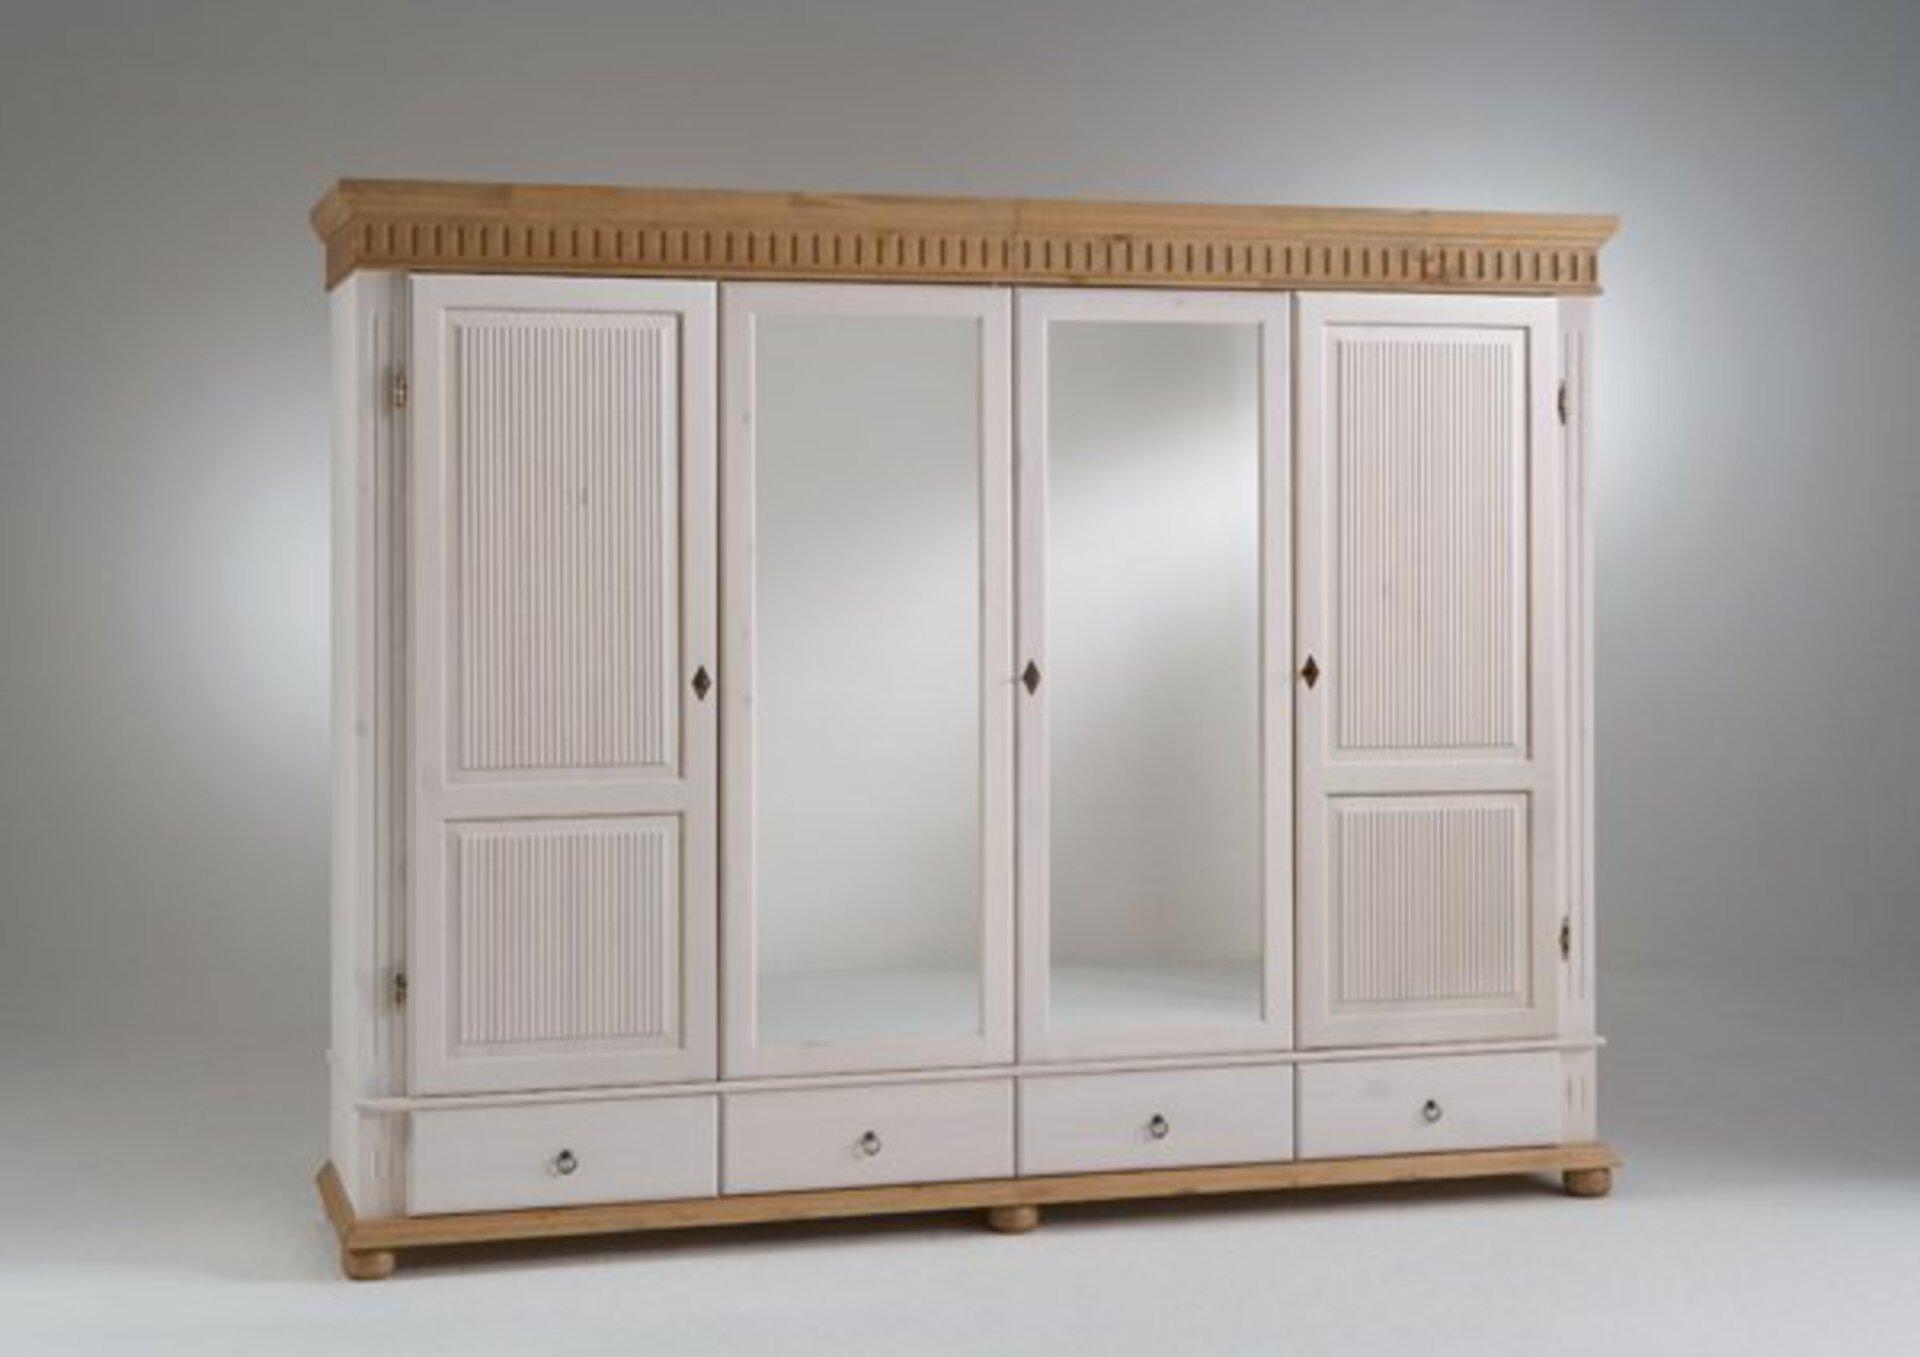 Kleiderschrank HELSINKI Dreamoro Holz weiß 62 x 218 x 250 cm